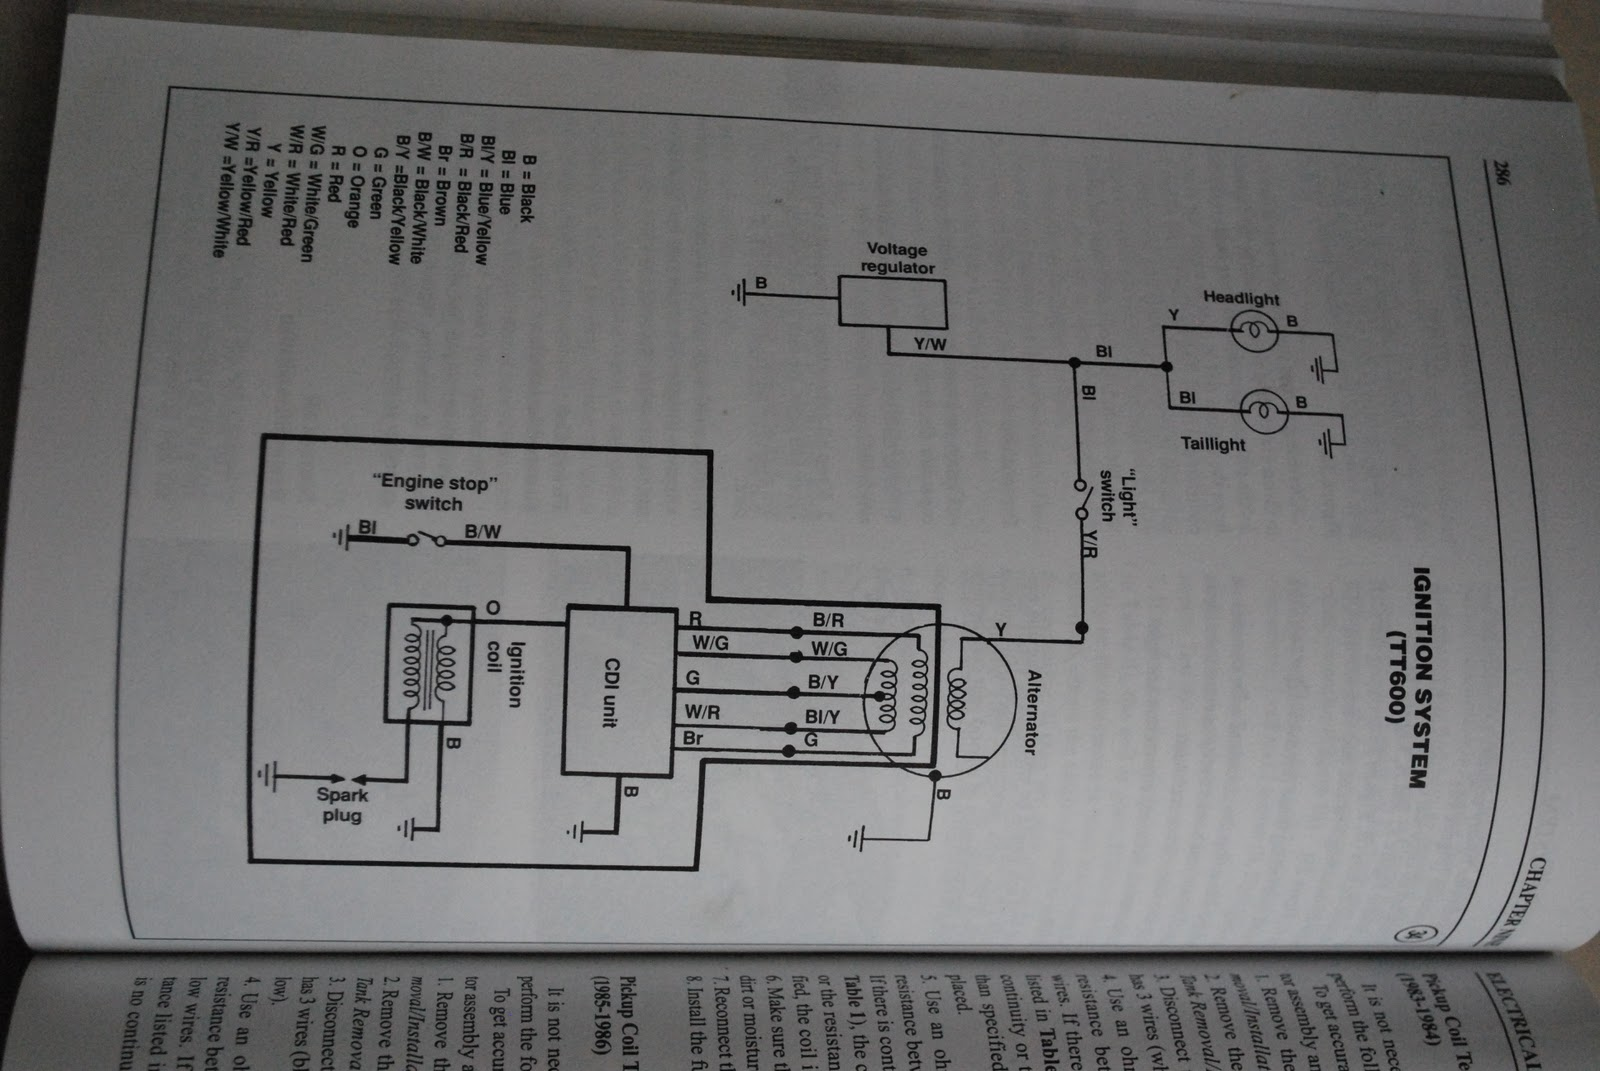 medium resolution of drz 400 wiring diagram drz get free image about wiring 2005 suzuki drz 125 2001 suzuki drz 125